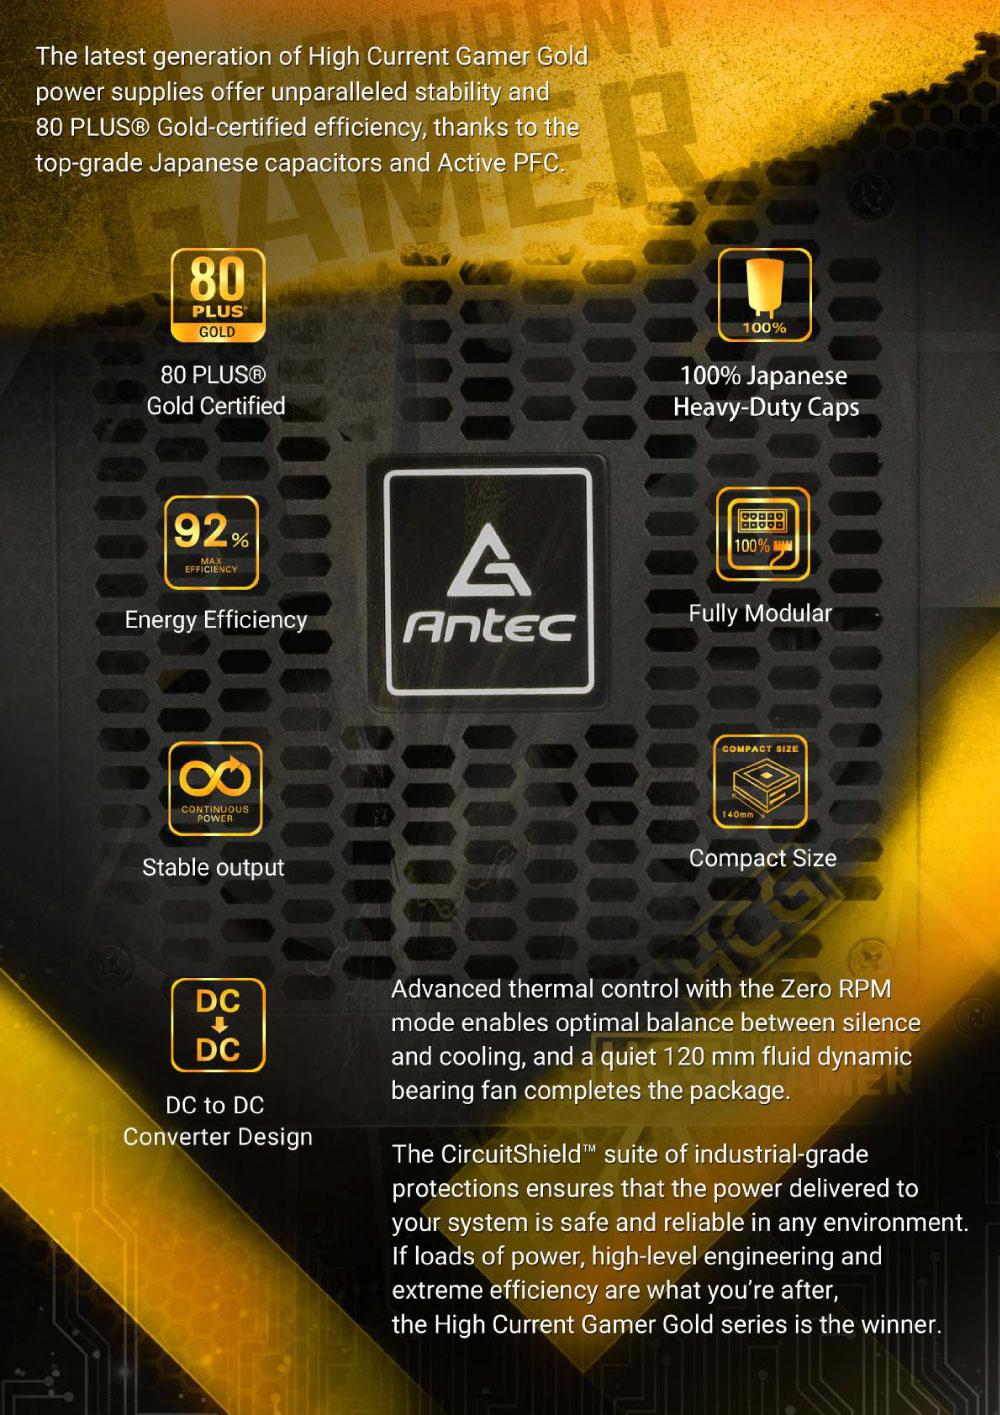 เมื่อ Antec กลับมาทวงบัลลังก์ Power Supply ในตลาด – ascenti